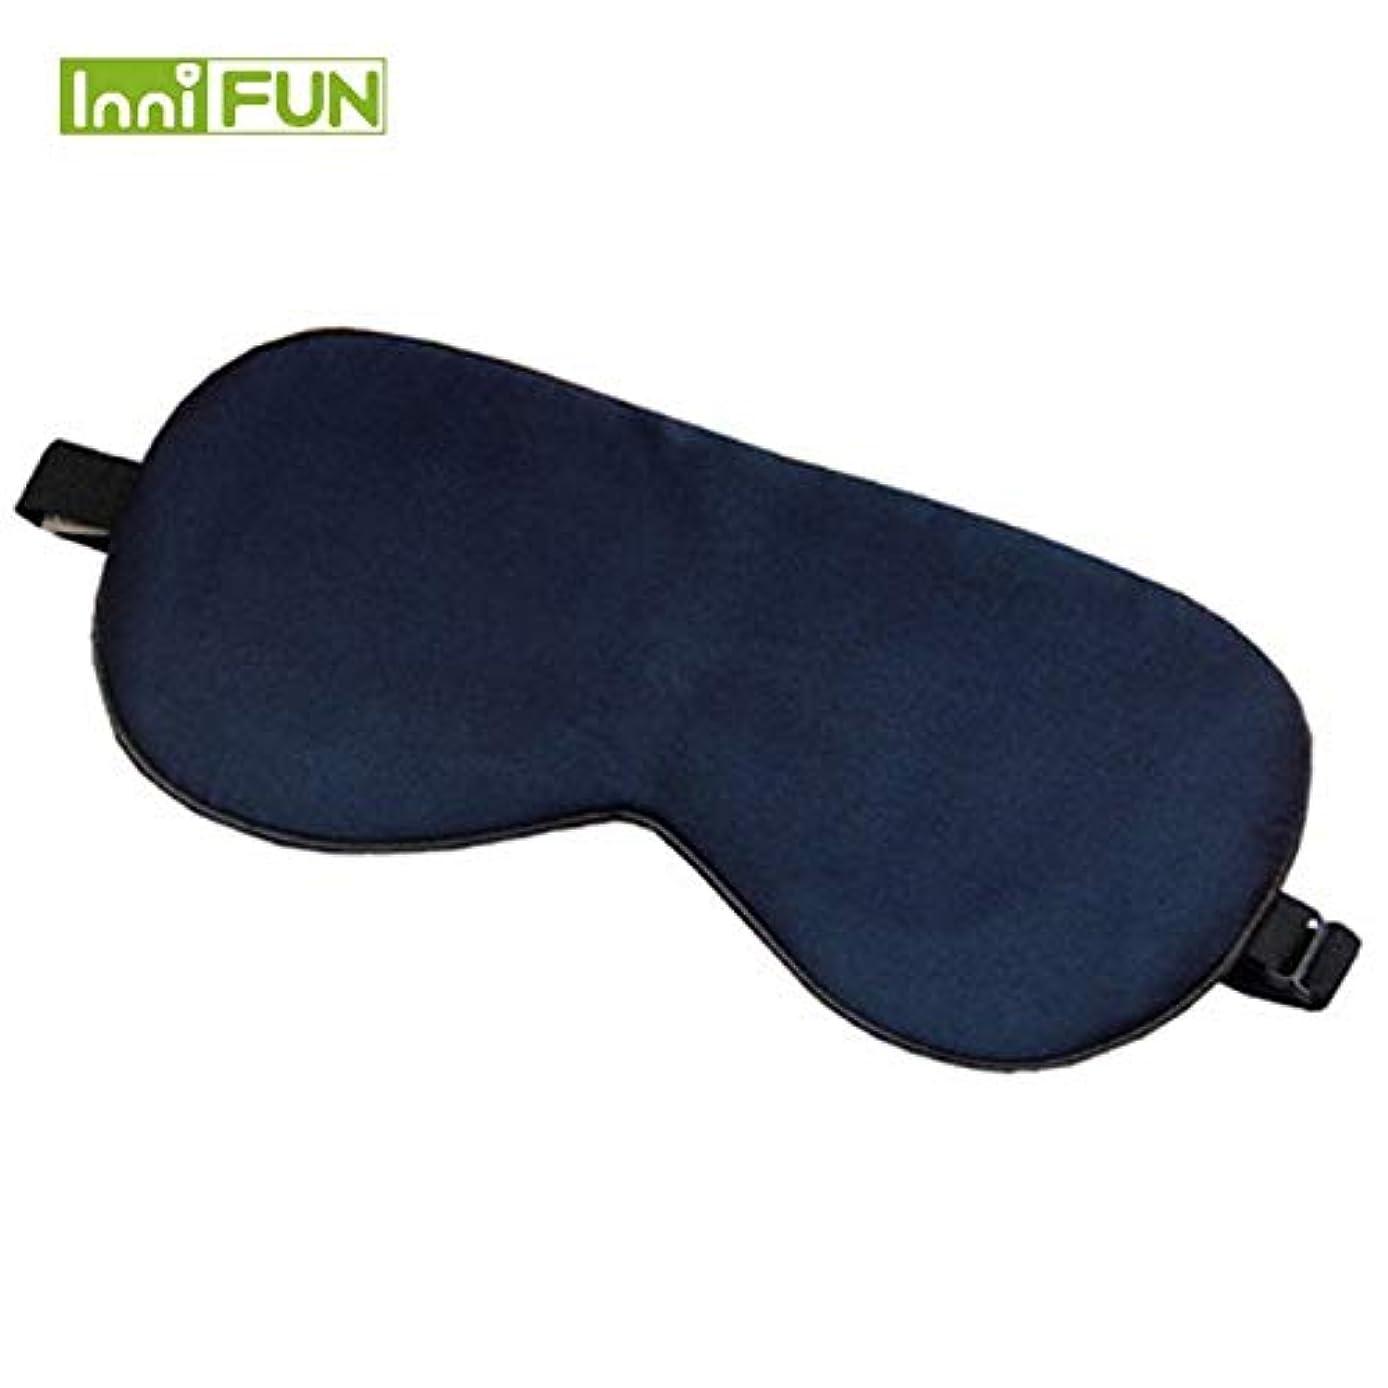 番号講堂回答NOTE 11色高級シルクポータブル旅行睡眠アイマスク休息補助ソフトカバーアイパッチアイシェード睡眠マスクケースMR078